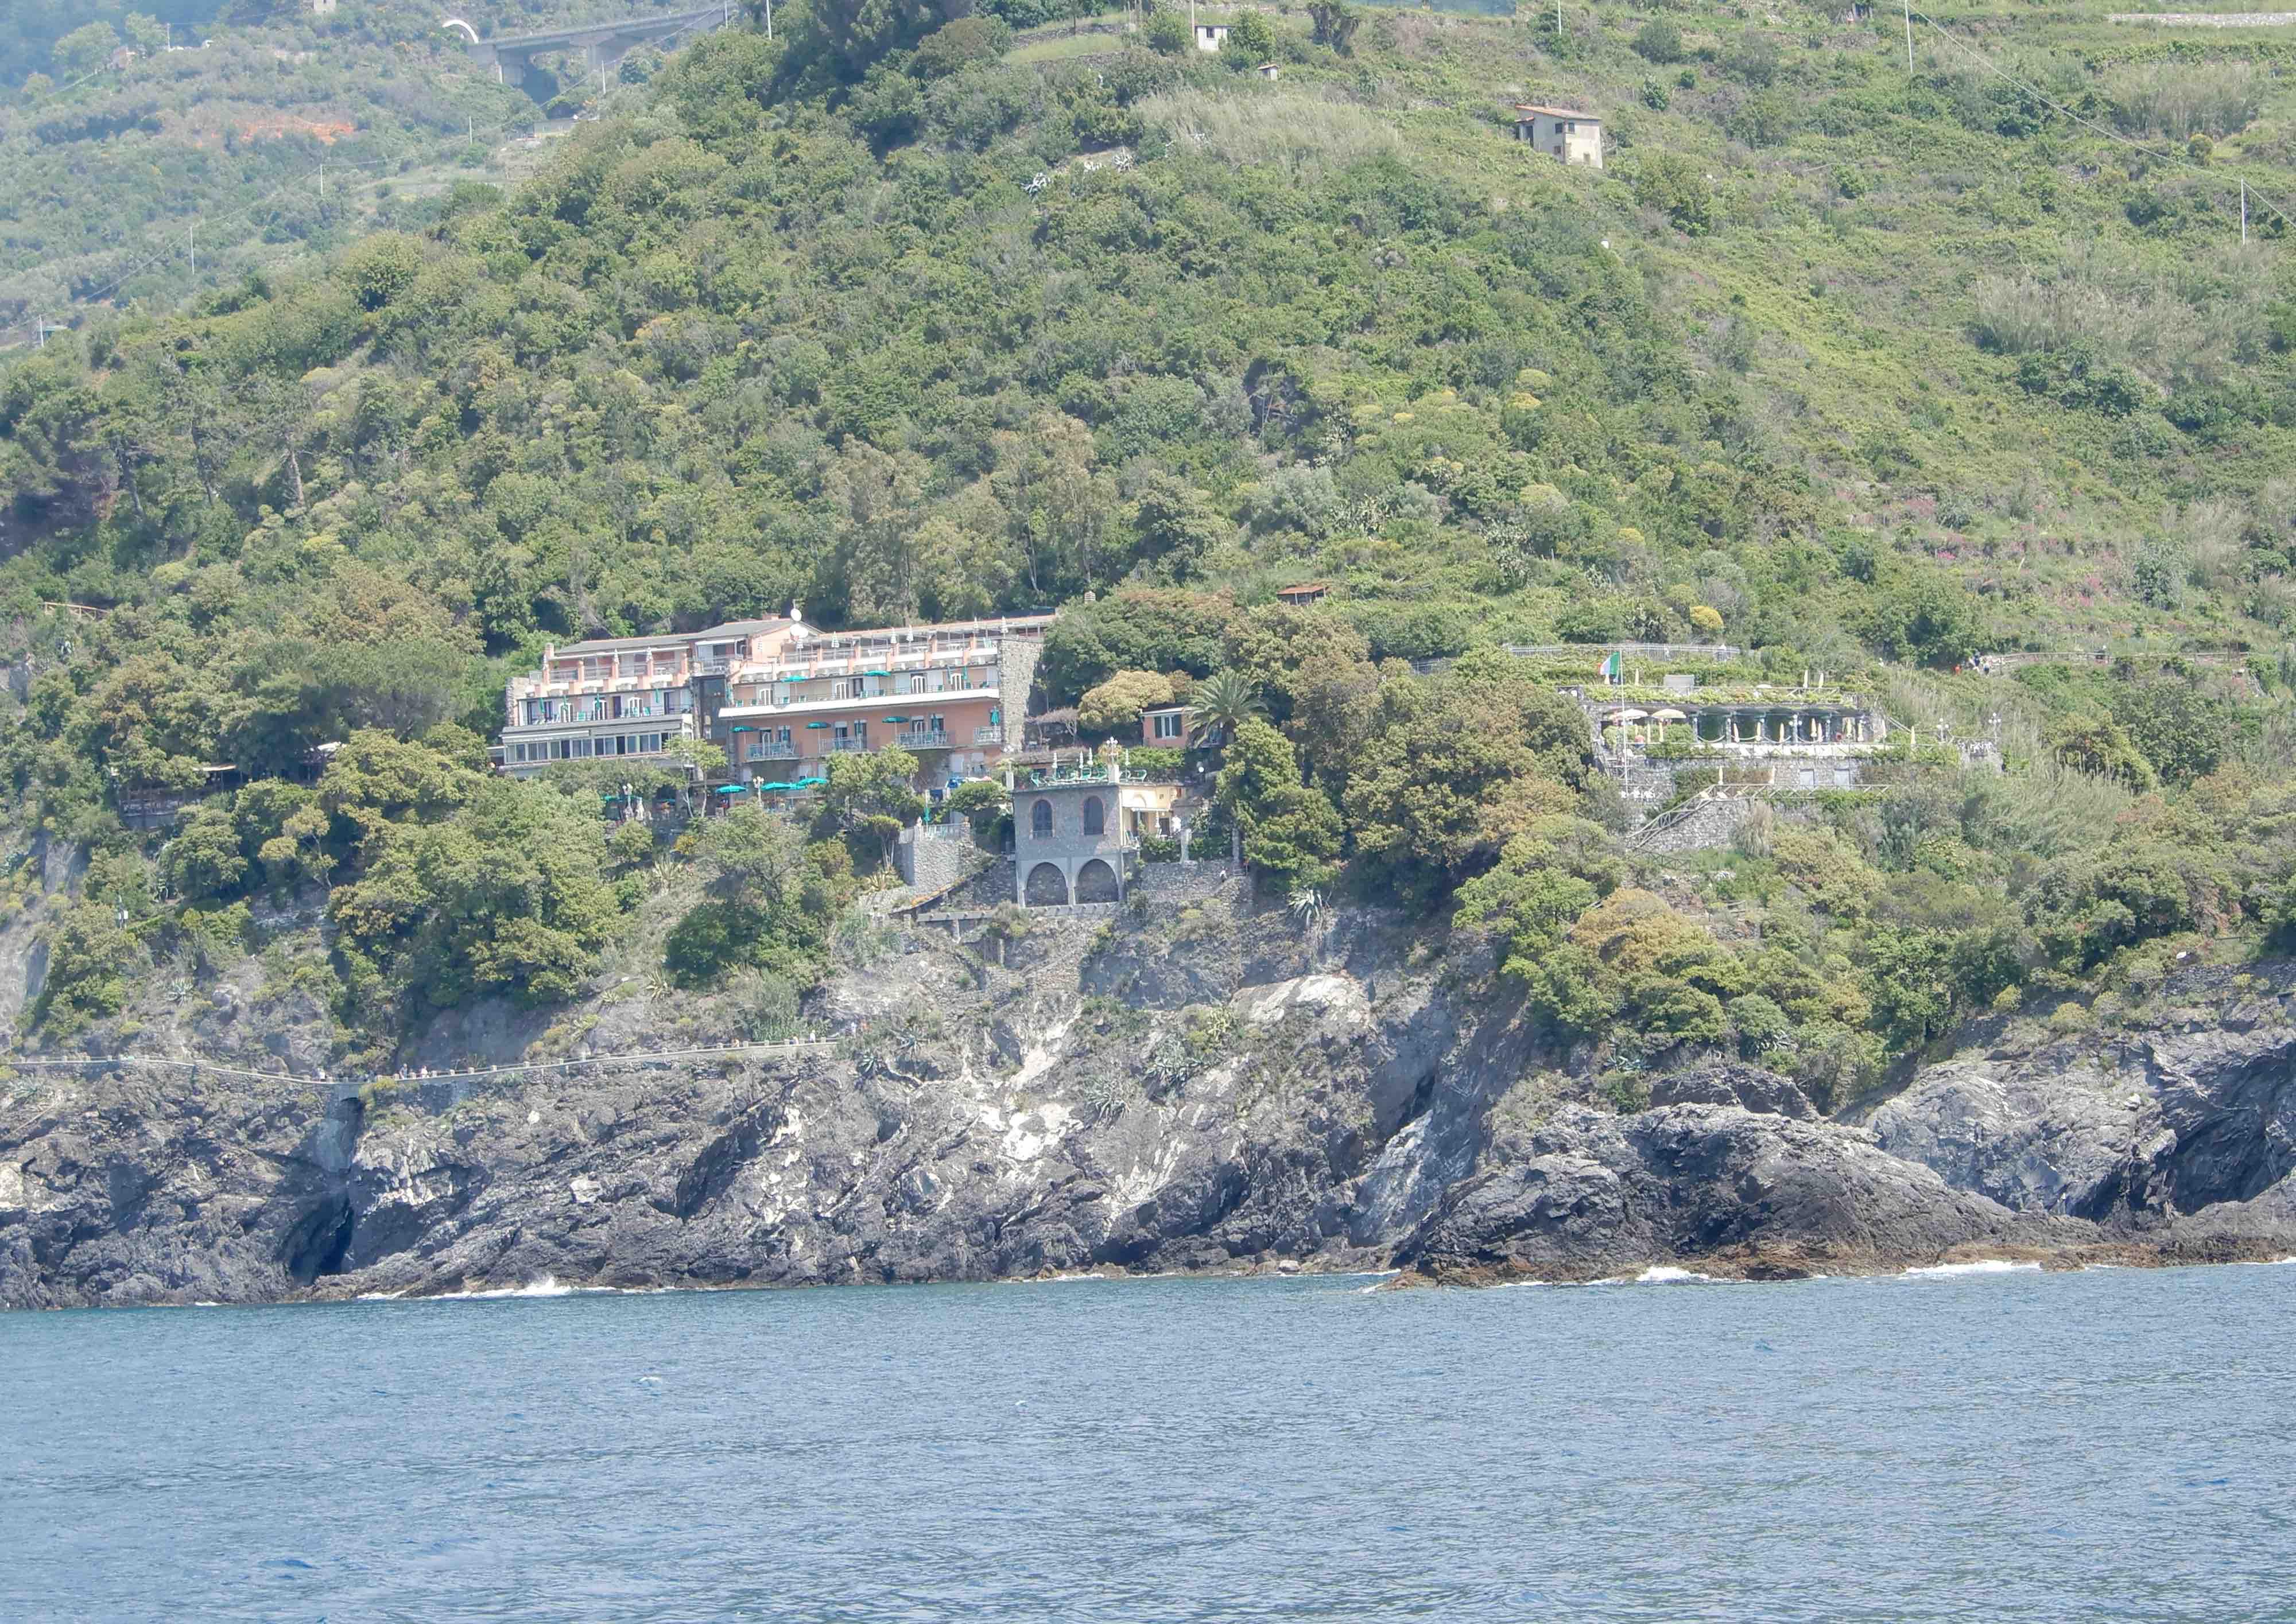 9.Hotel Porto Roca